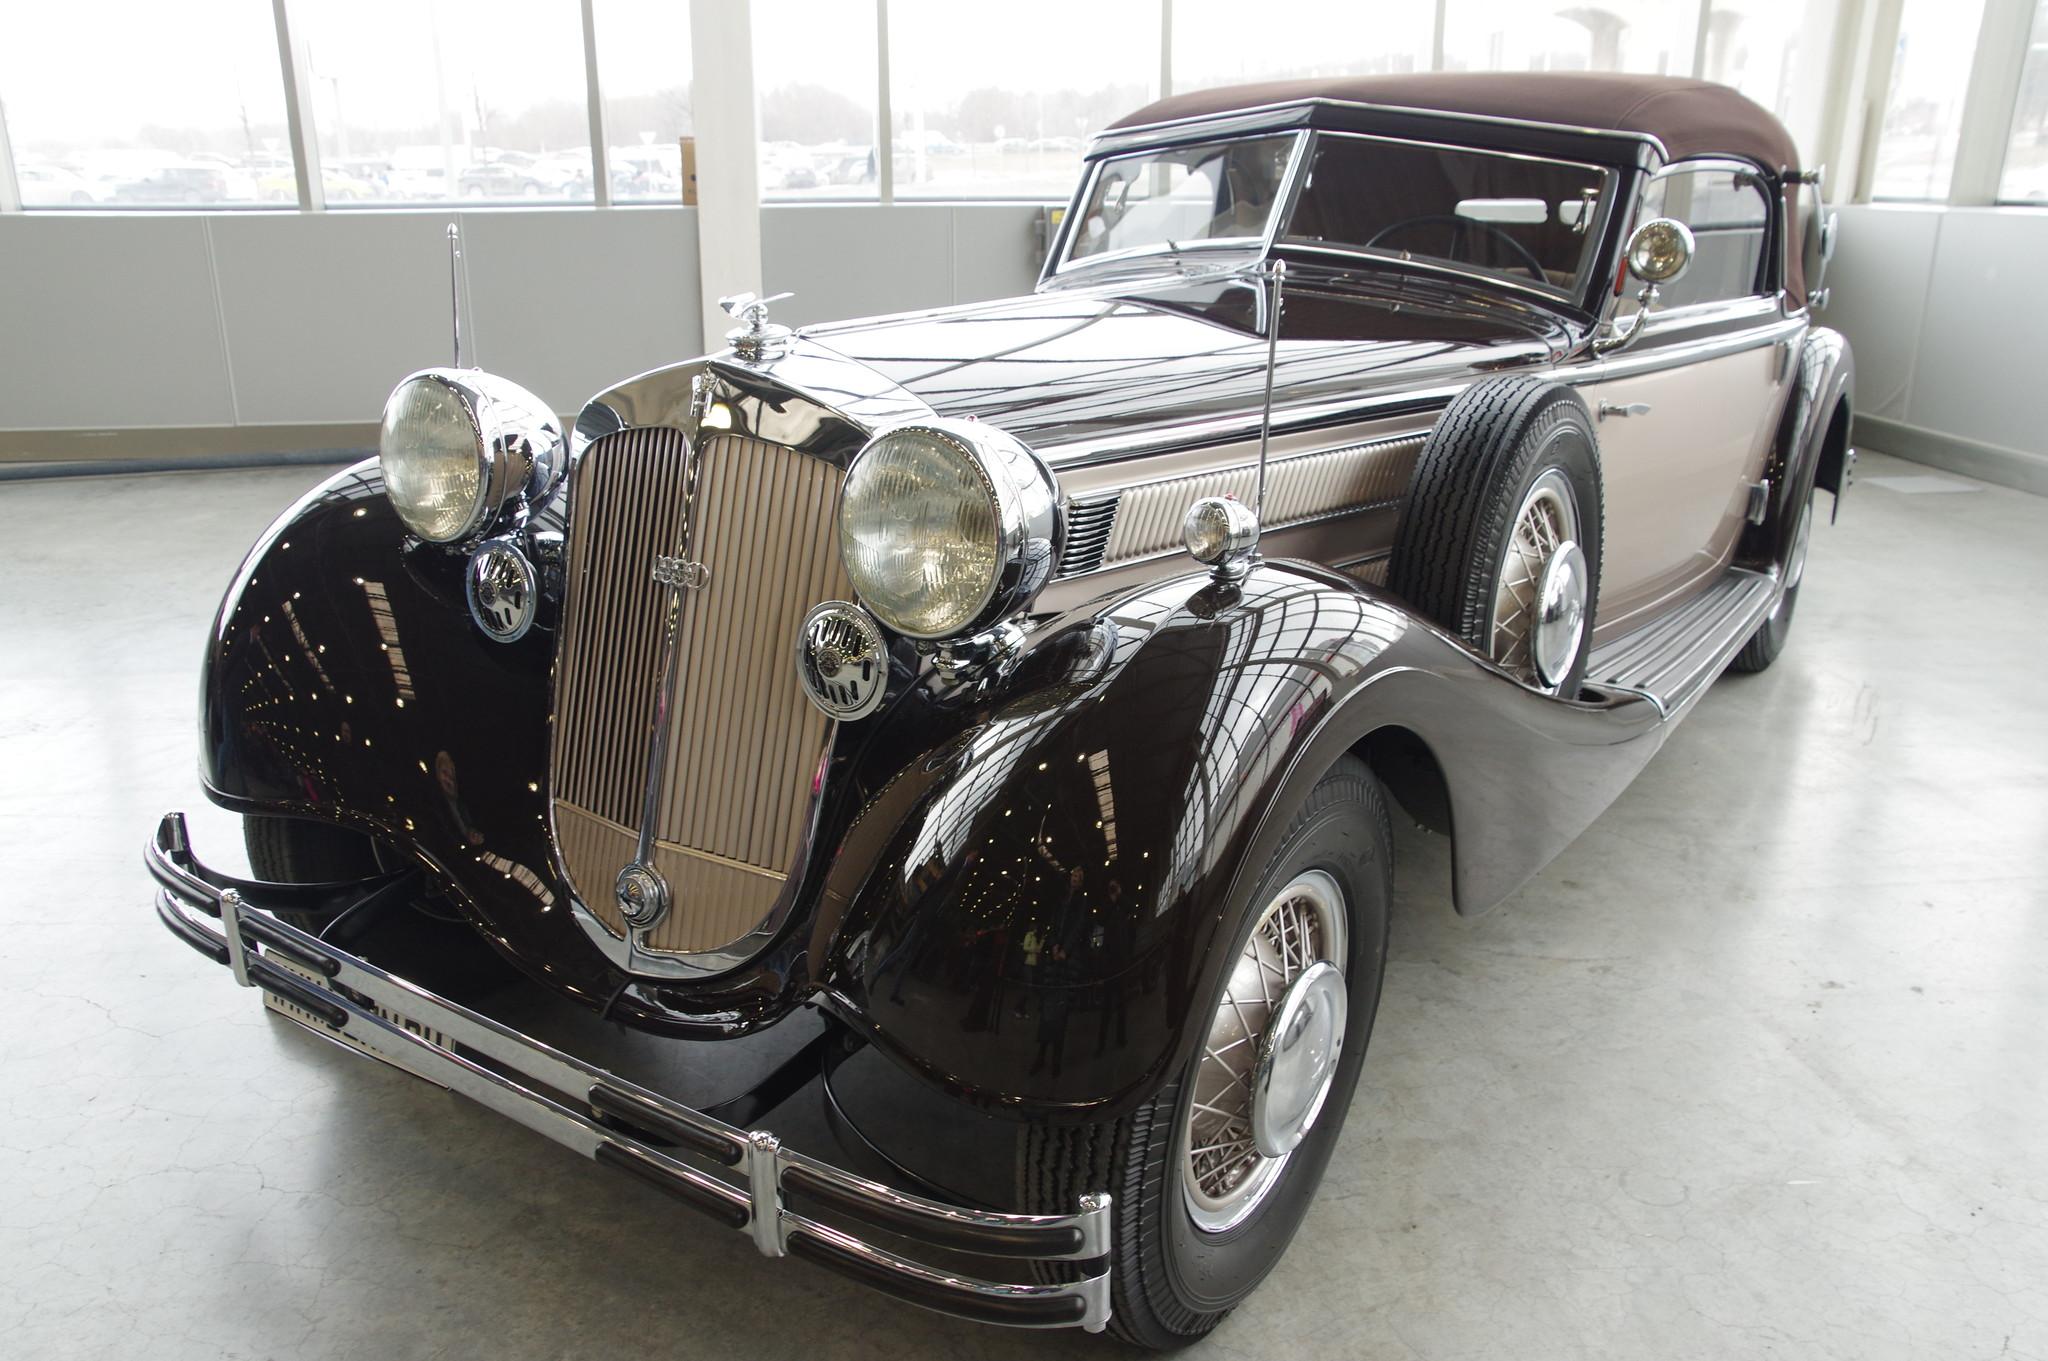 Автомобиль Horch 853 (1938г.) на международной выставке исторической военной техники «Моторы войны» в «Крокус Экспо»